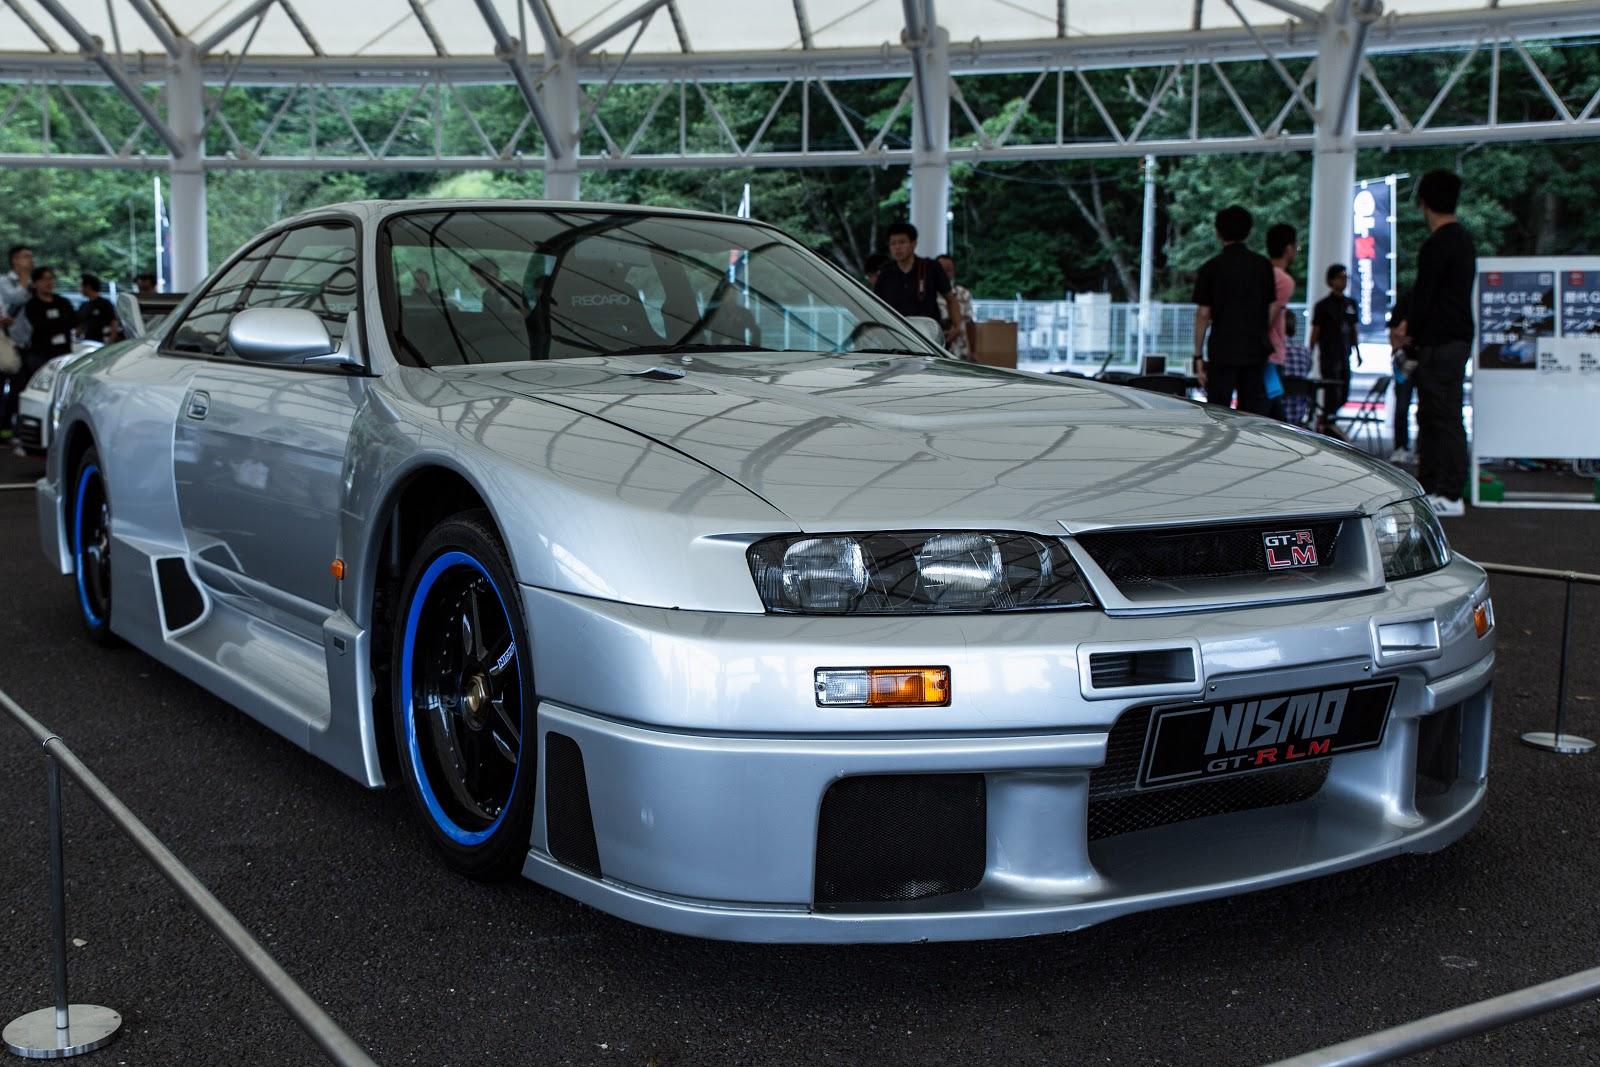 BG5A0748 Όταν συγκεντρώθηκε ένας... στρατός από Nissan GT-R Fuji Speedway, Nissan, Nissan GT-R, Nissan GT-R NISMO, Nissan GT-R NISMO GT3, video, videos, zblog, βίντεο, πίστα, ΦΩΤΟ, φωτογραφίες